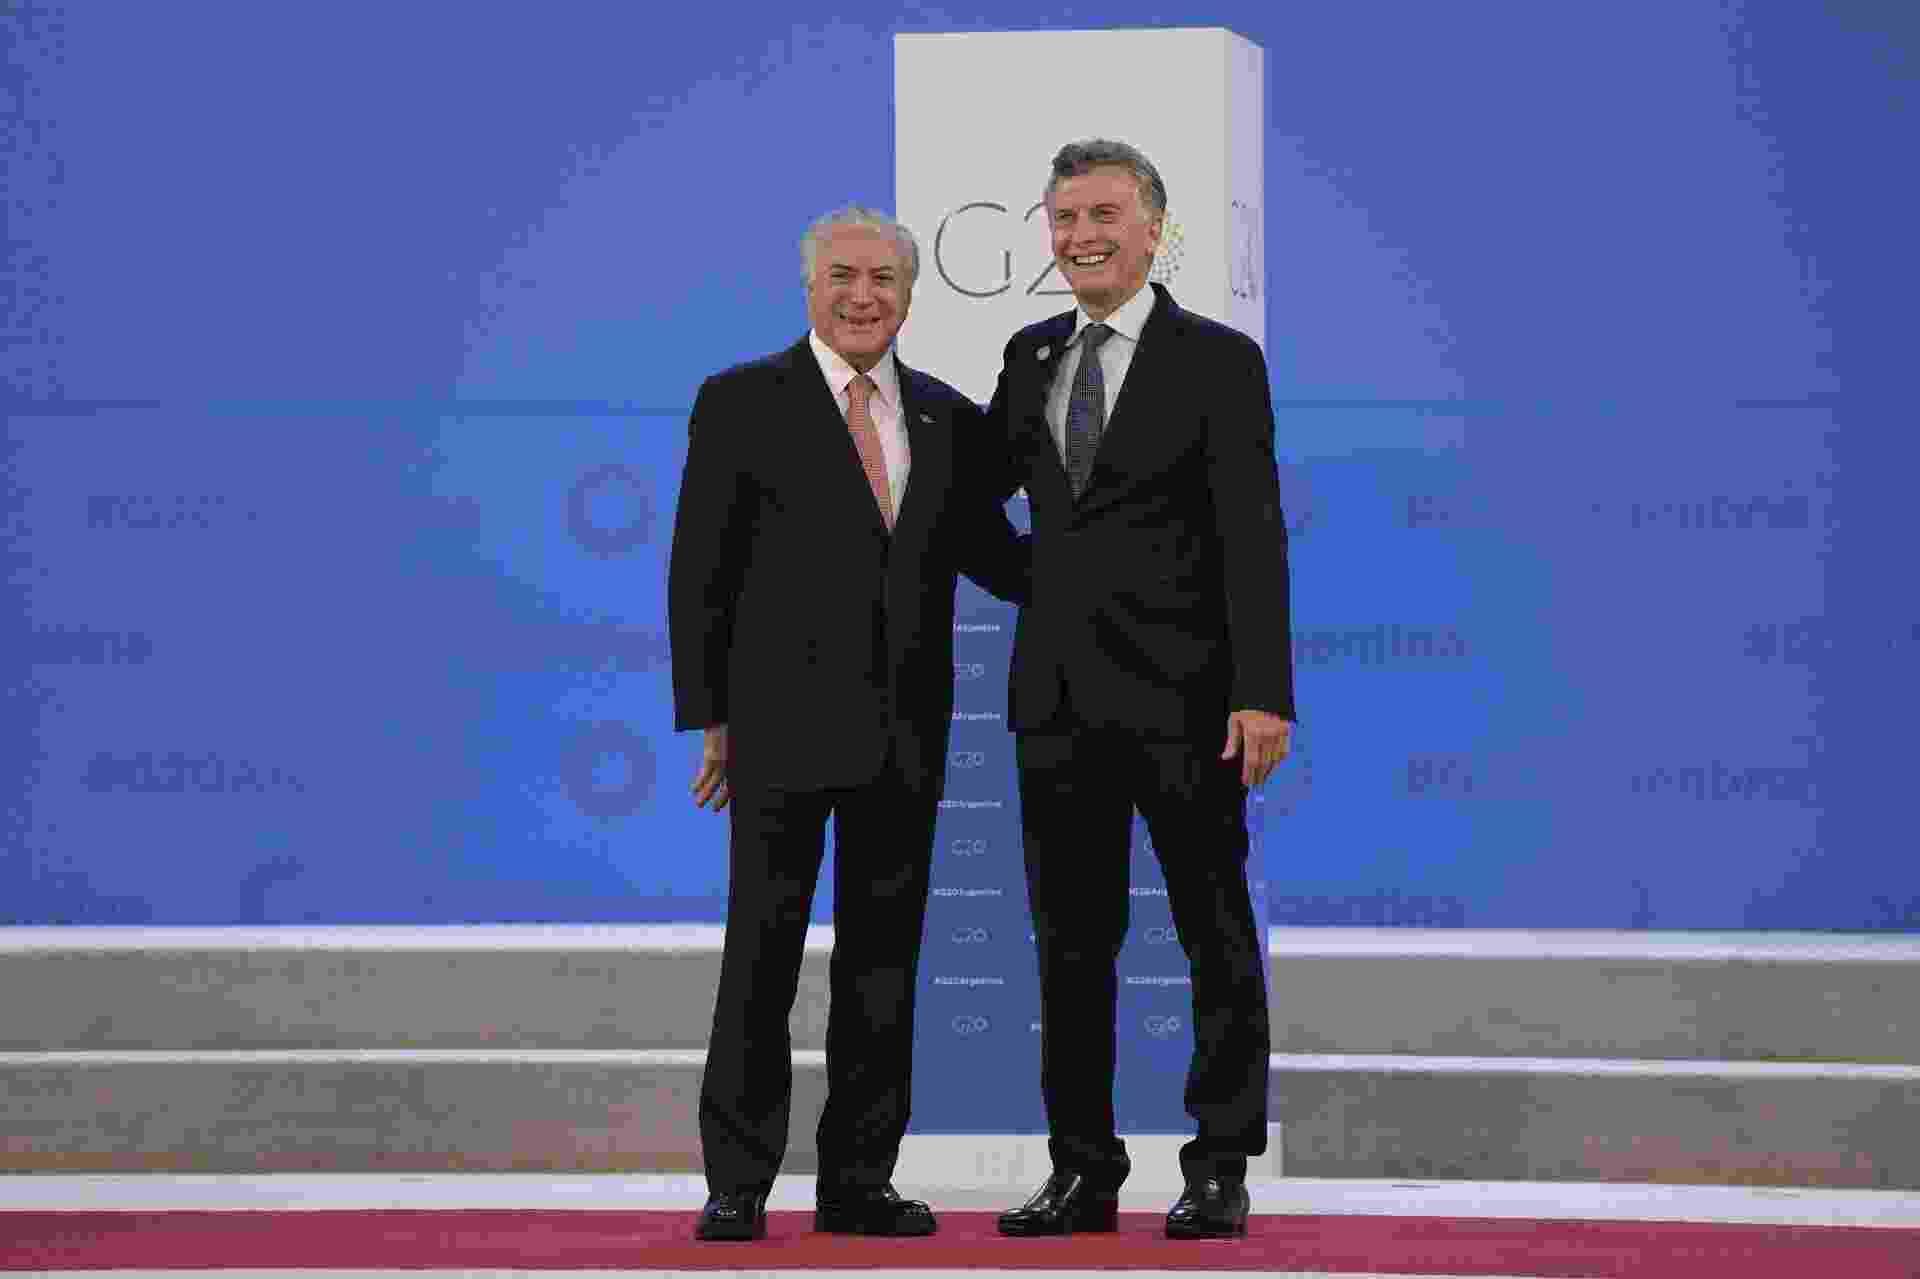 Michel Temer (esq.) é recepcionado pelo presidente Argentino, Mauricio Macri, na abertura da cúpula do G20, em Buenos Aires - Juan Mabromata/AFP